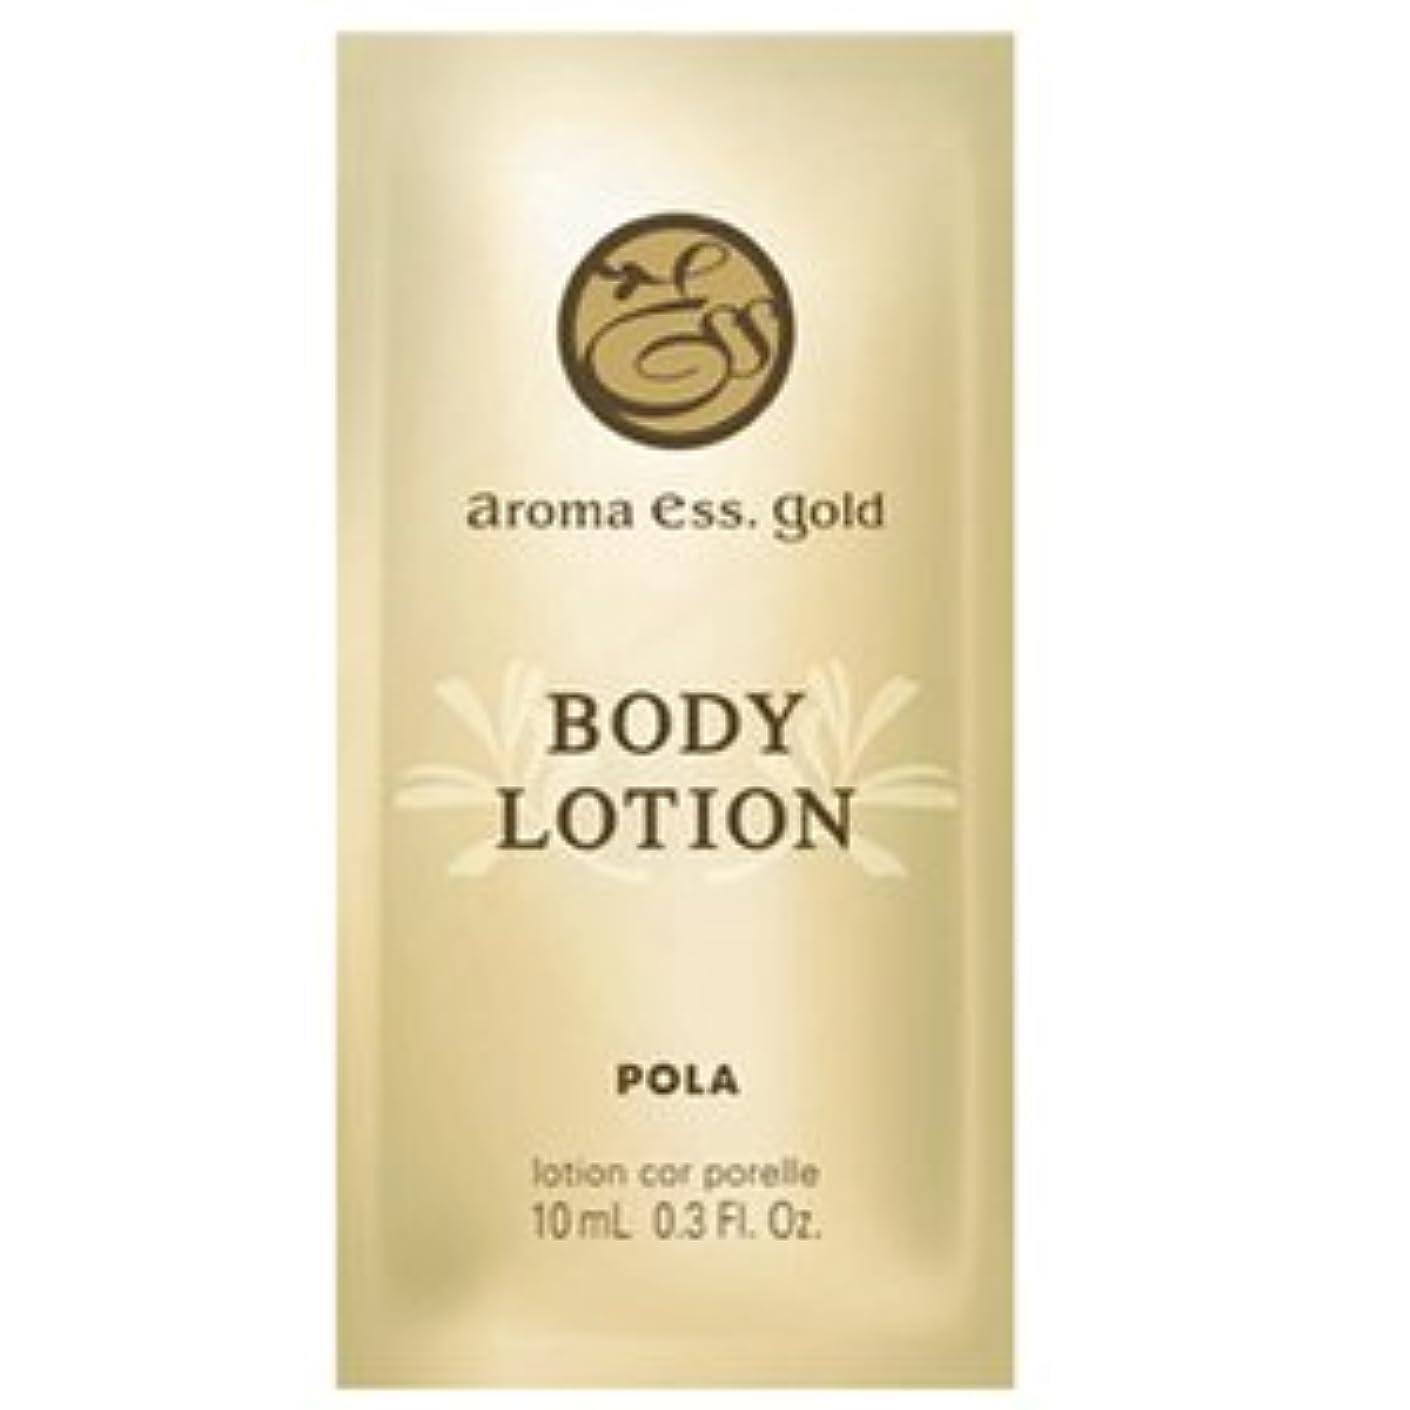 意外薬理学表示POLA アロマエッセ ゴールド ボディローション 30個セット